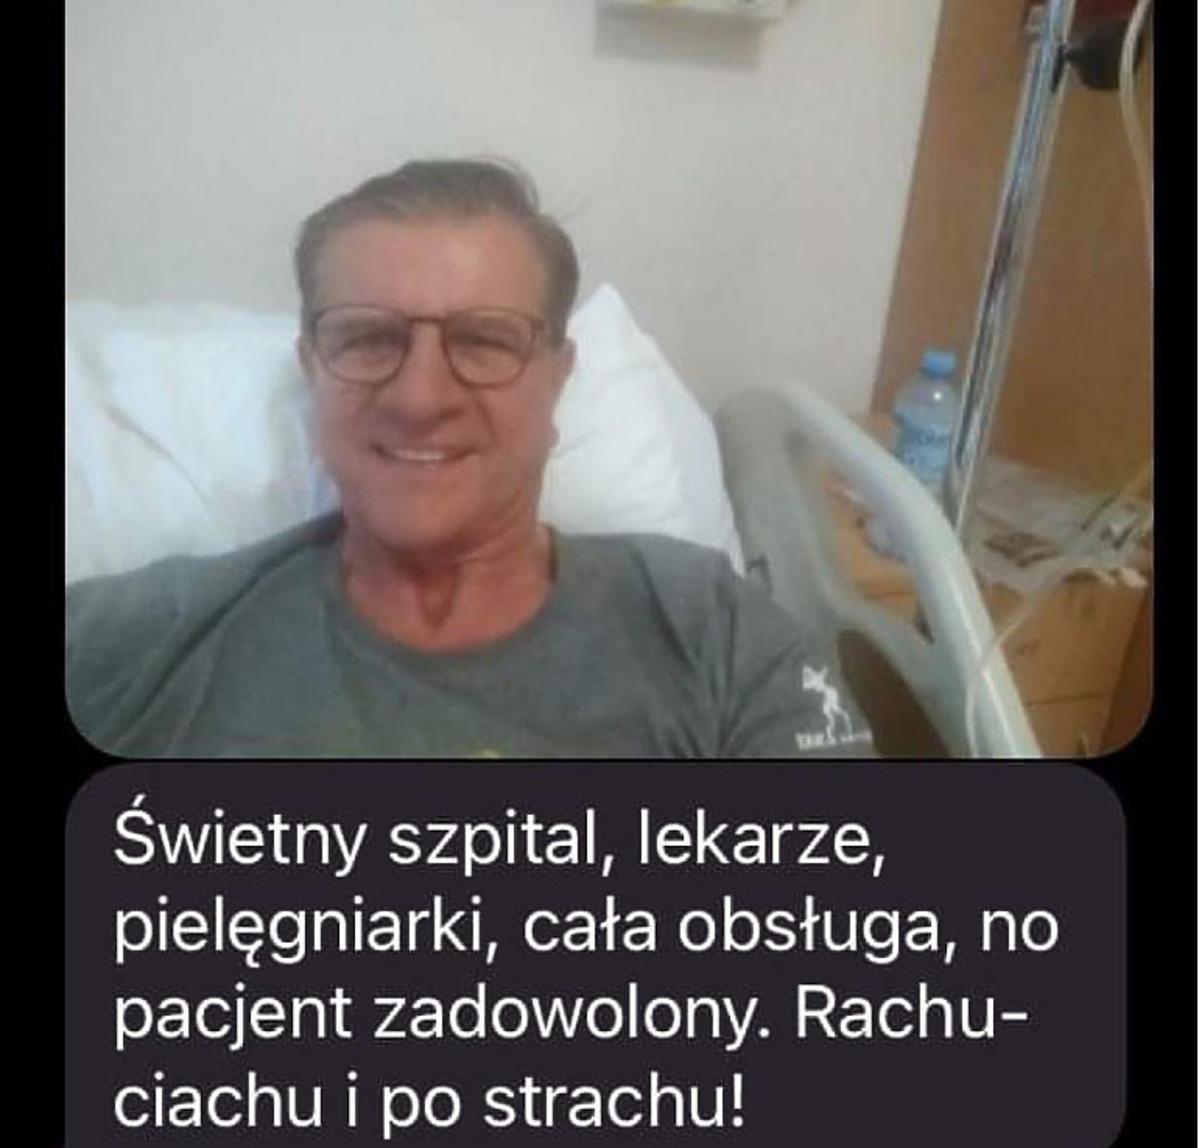 Zygmunt Chajzer w szpitalu